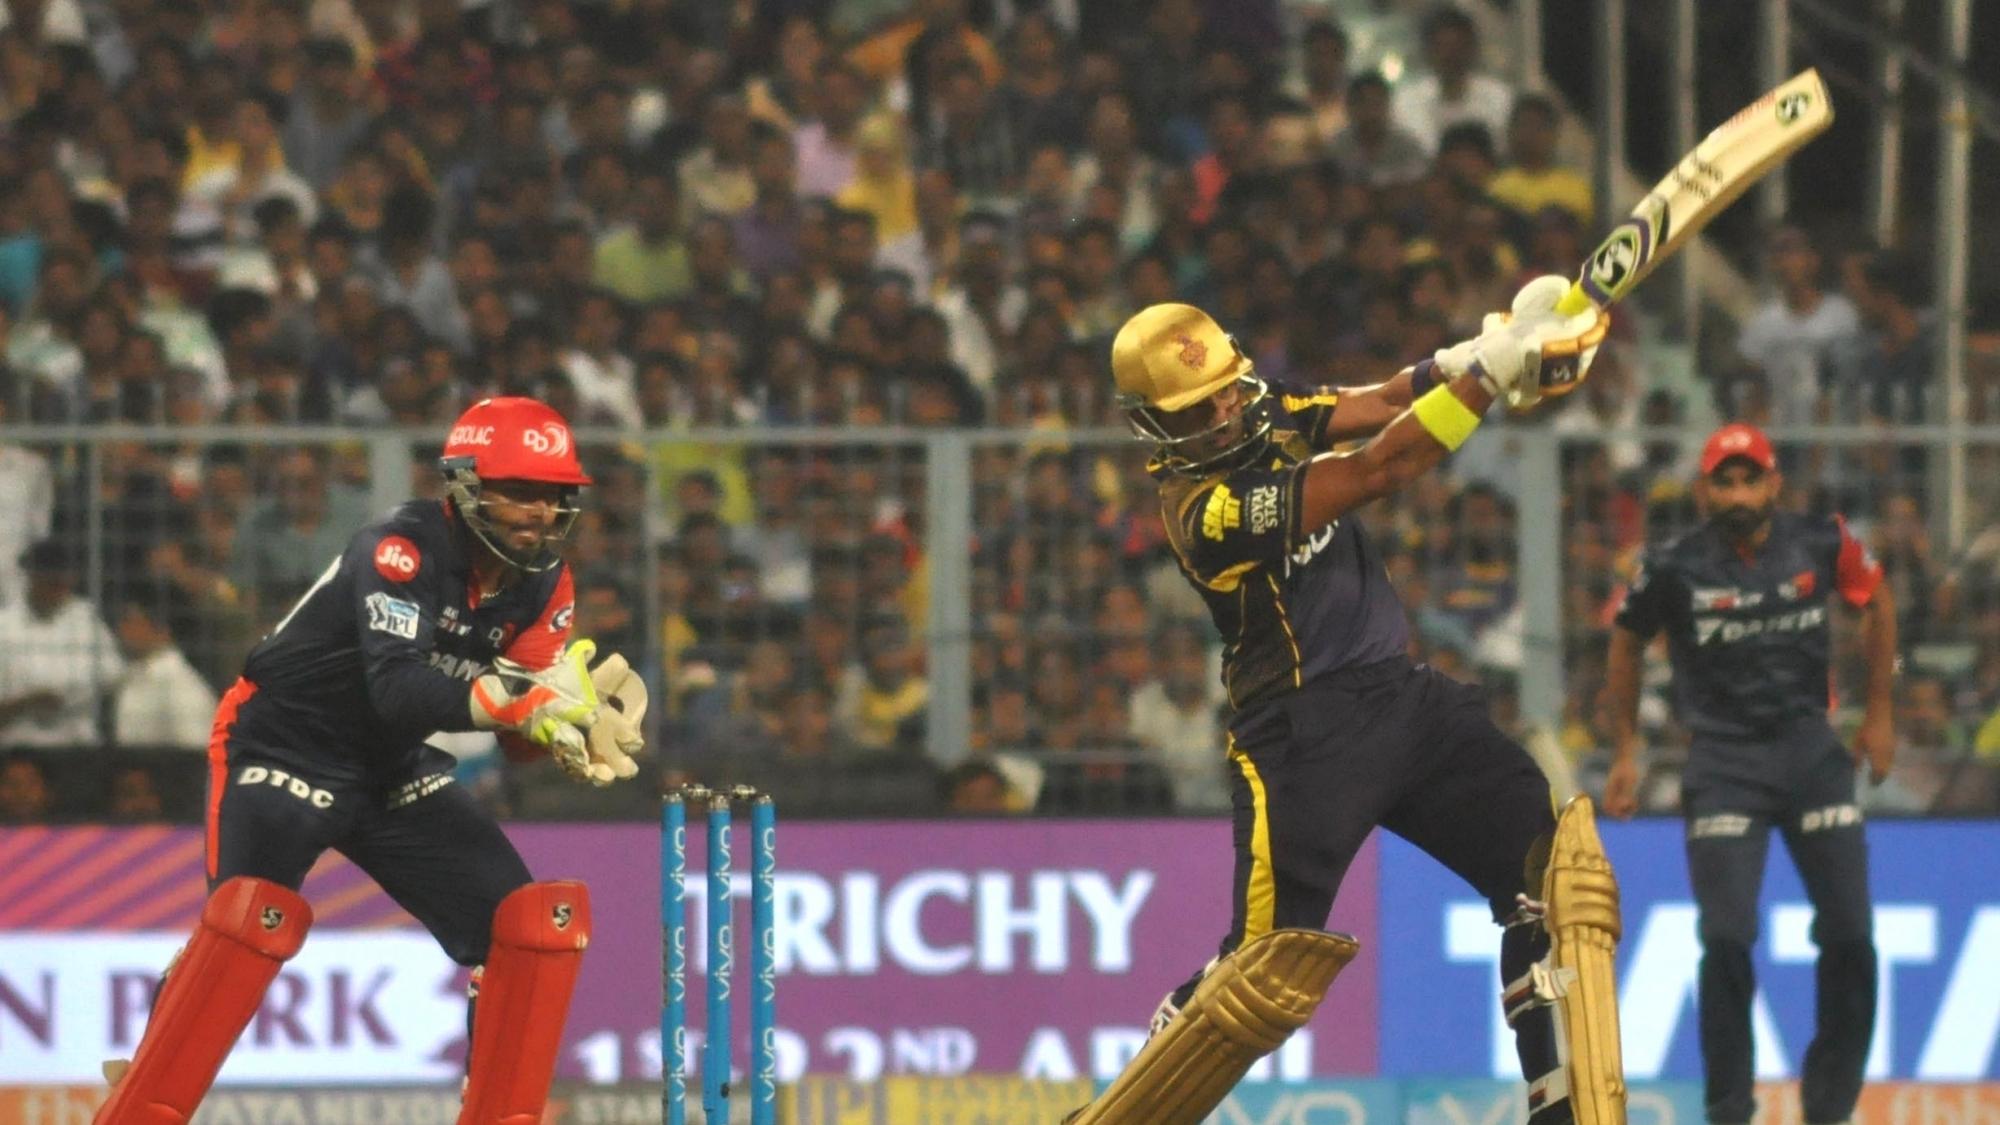 IPL 2018: KKRvDD- राणा और रसेल की तूफानी पारियों की बदौलत केकेआर ने खड़ा किया विशाल लक्ष्य